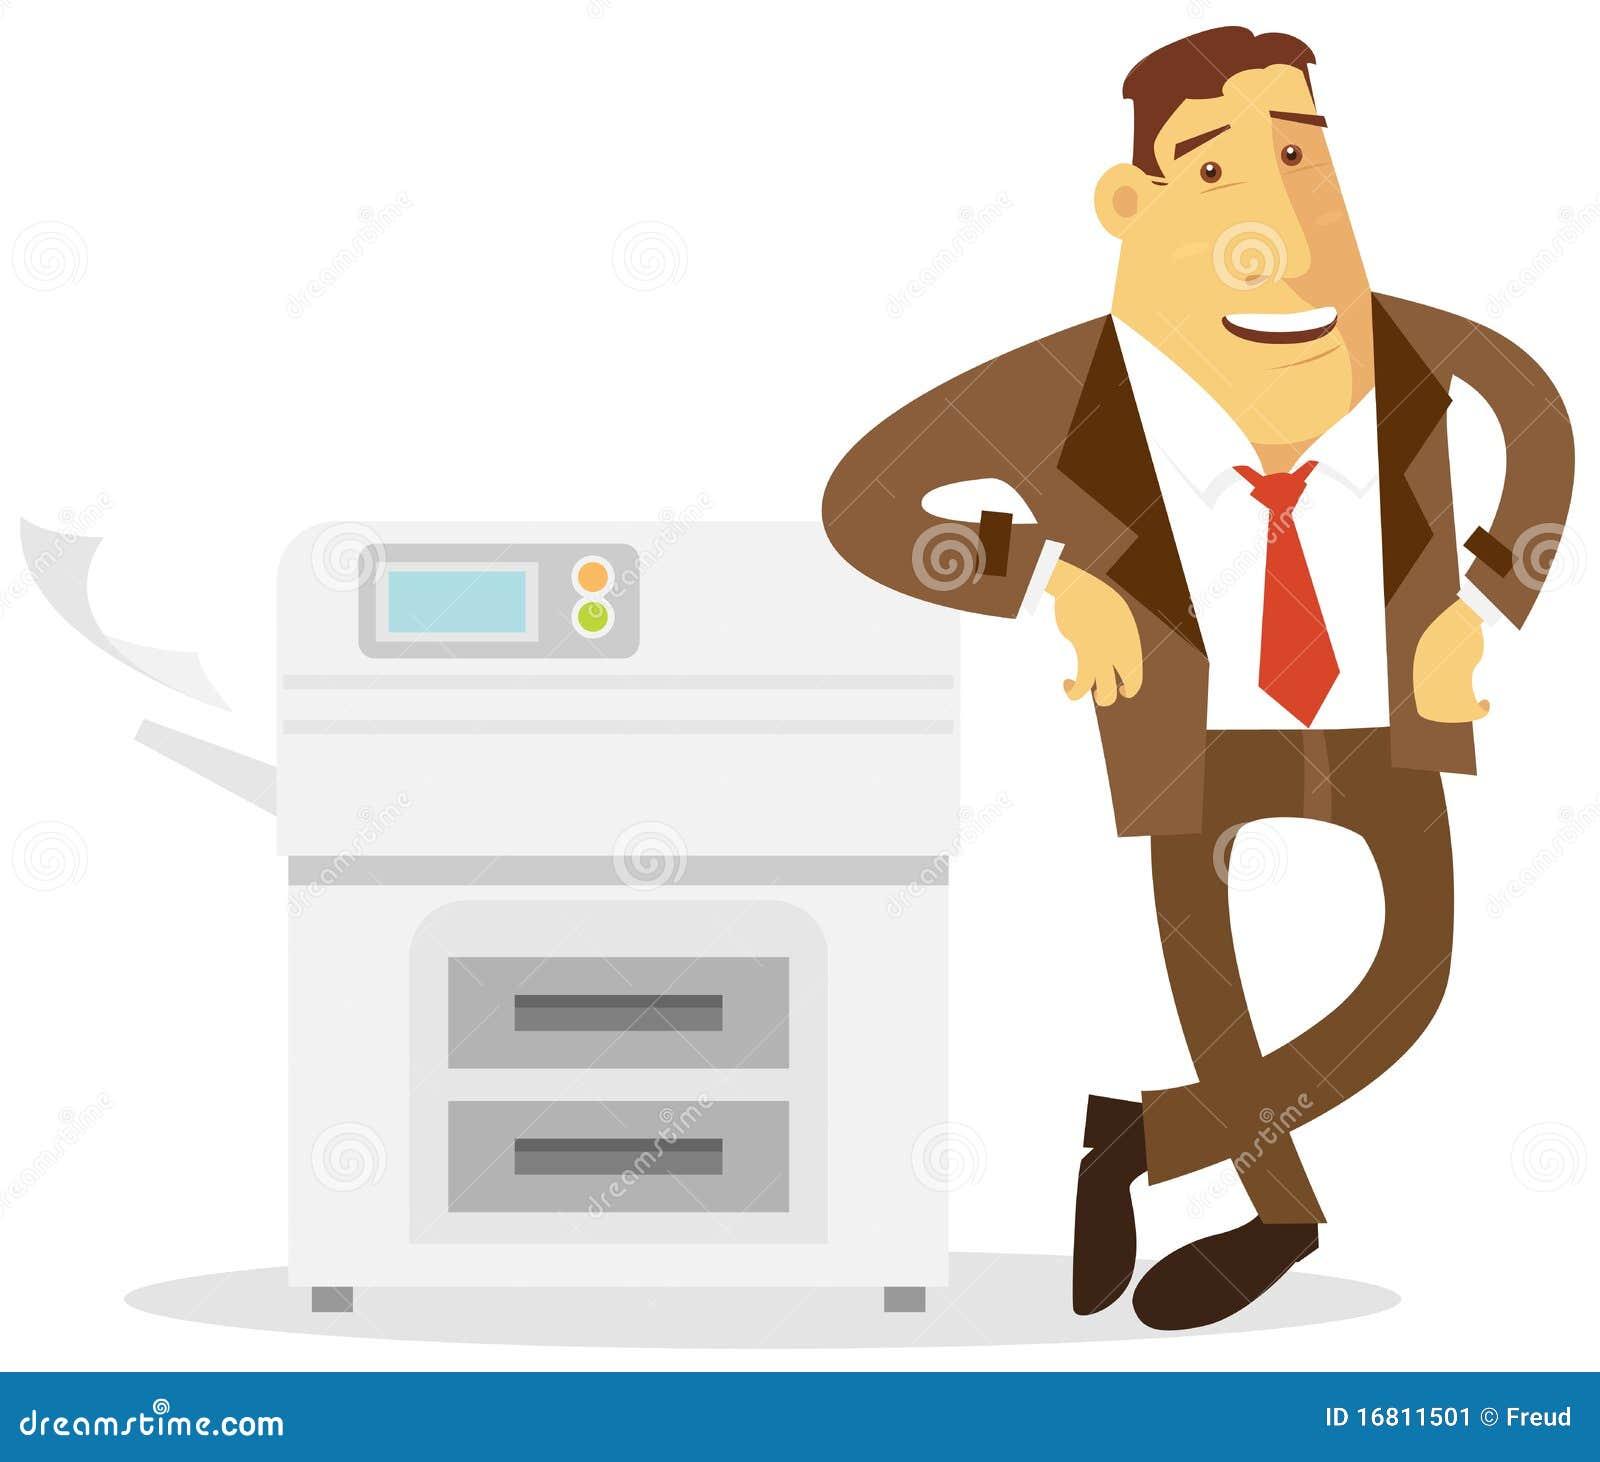 copier only machine